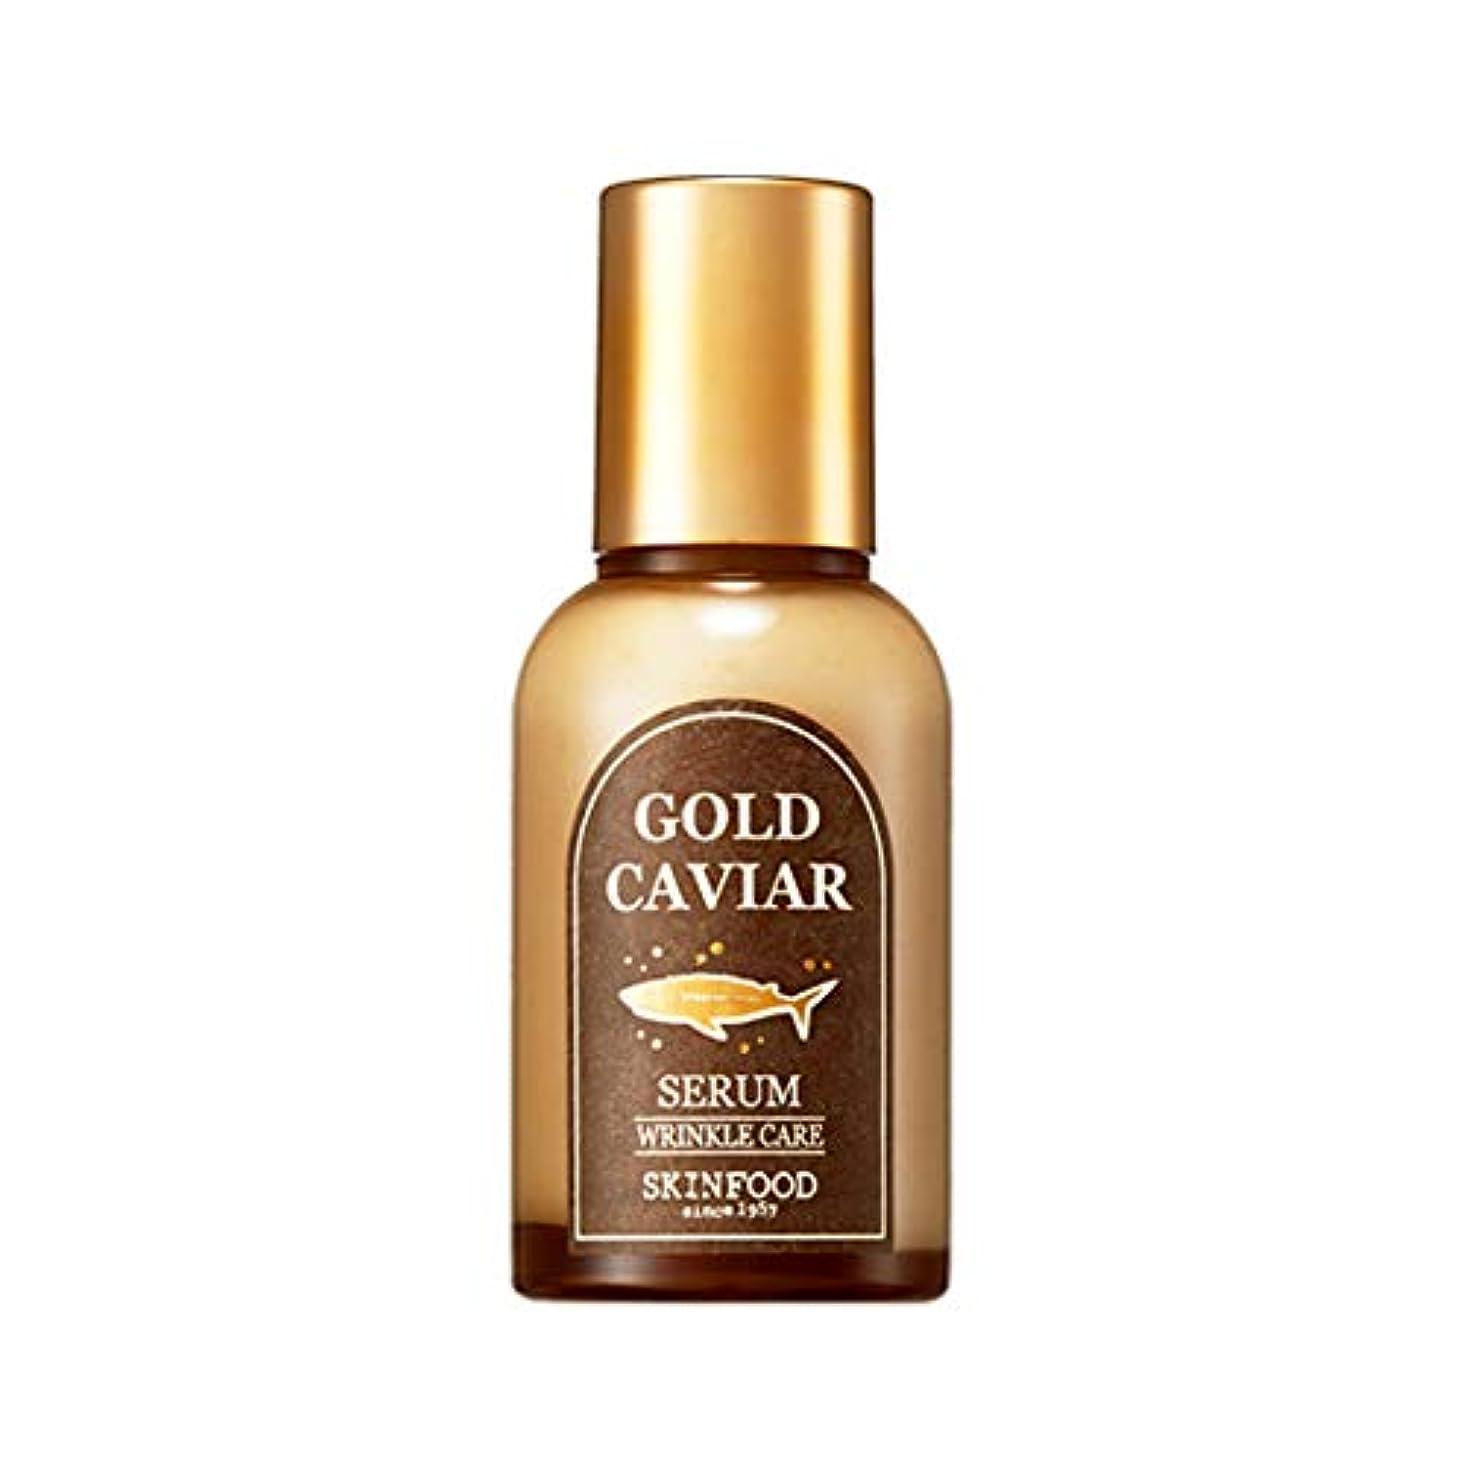 居間スケッチ未満Skinfood Gold Caviar Serum [Cosmeceutical for wrinkle care] /ゴールドキャビアセラム[しわケア用化粧品]/50ml [並行輸入品]